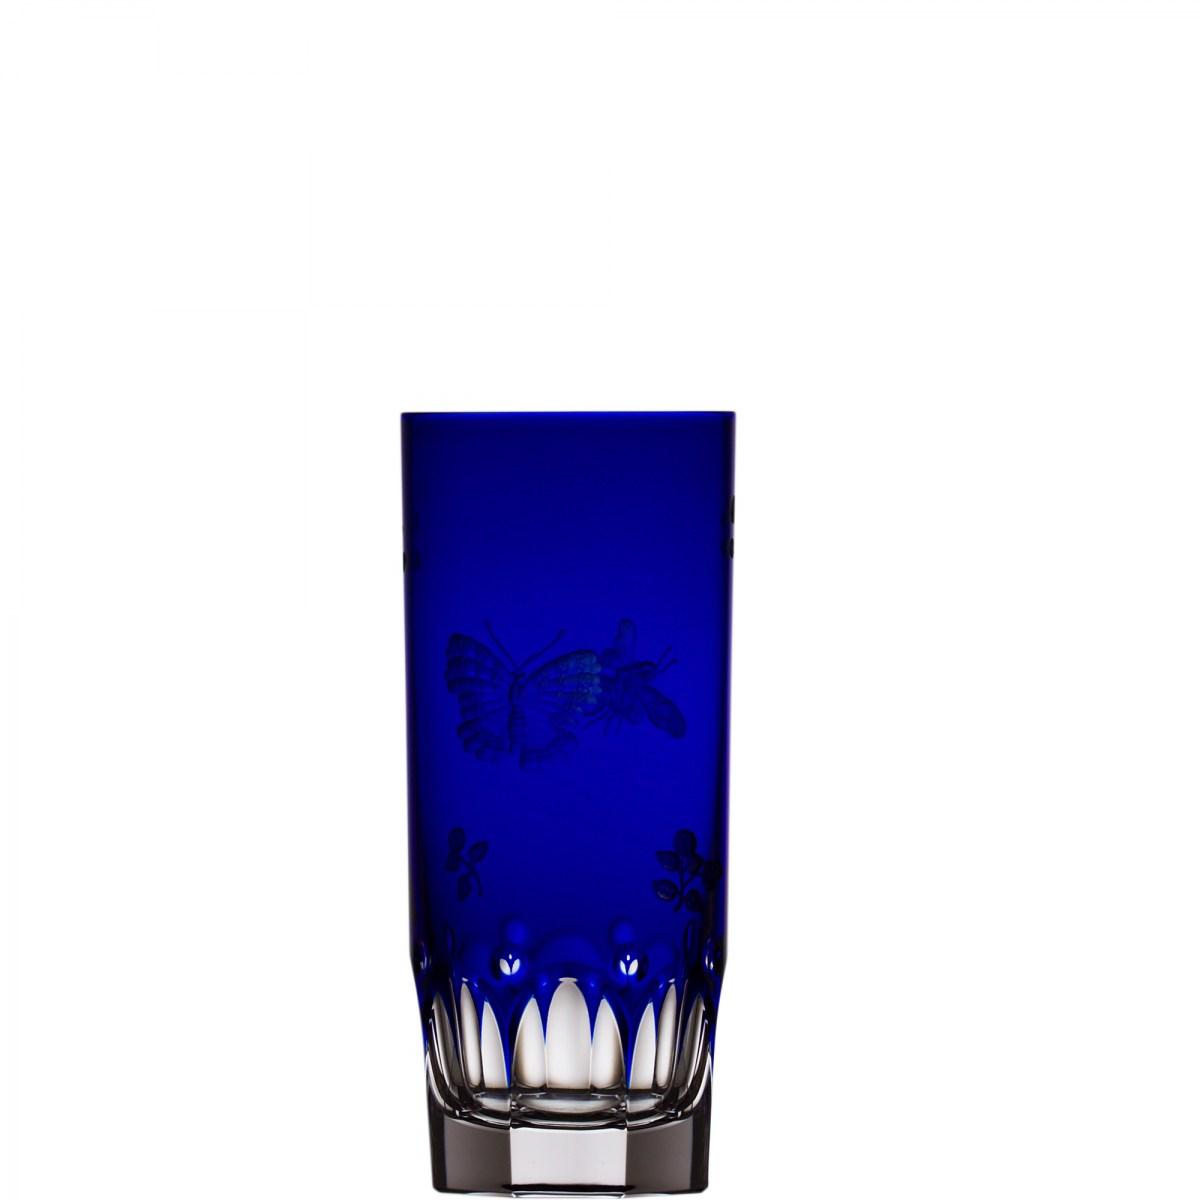 Springtime Cobalt HB - $ 272 / € 238